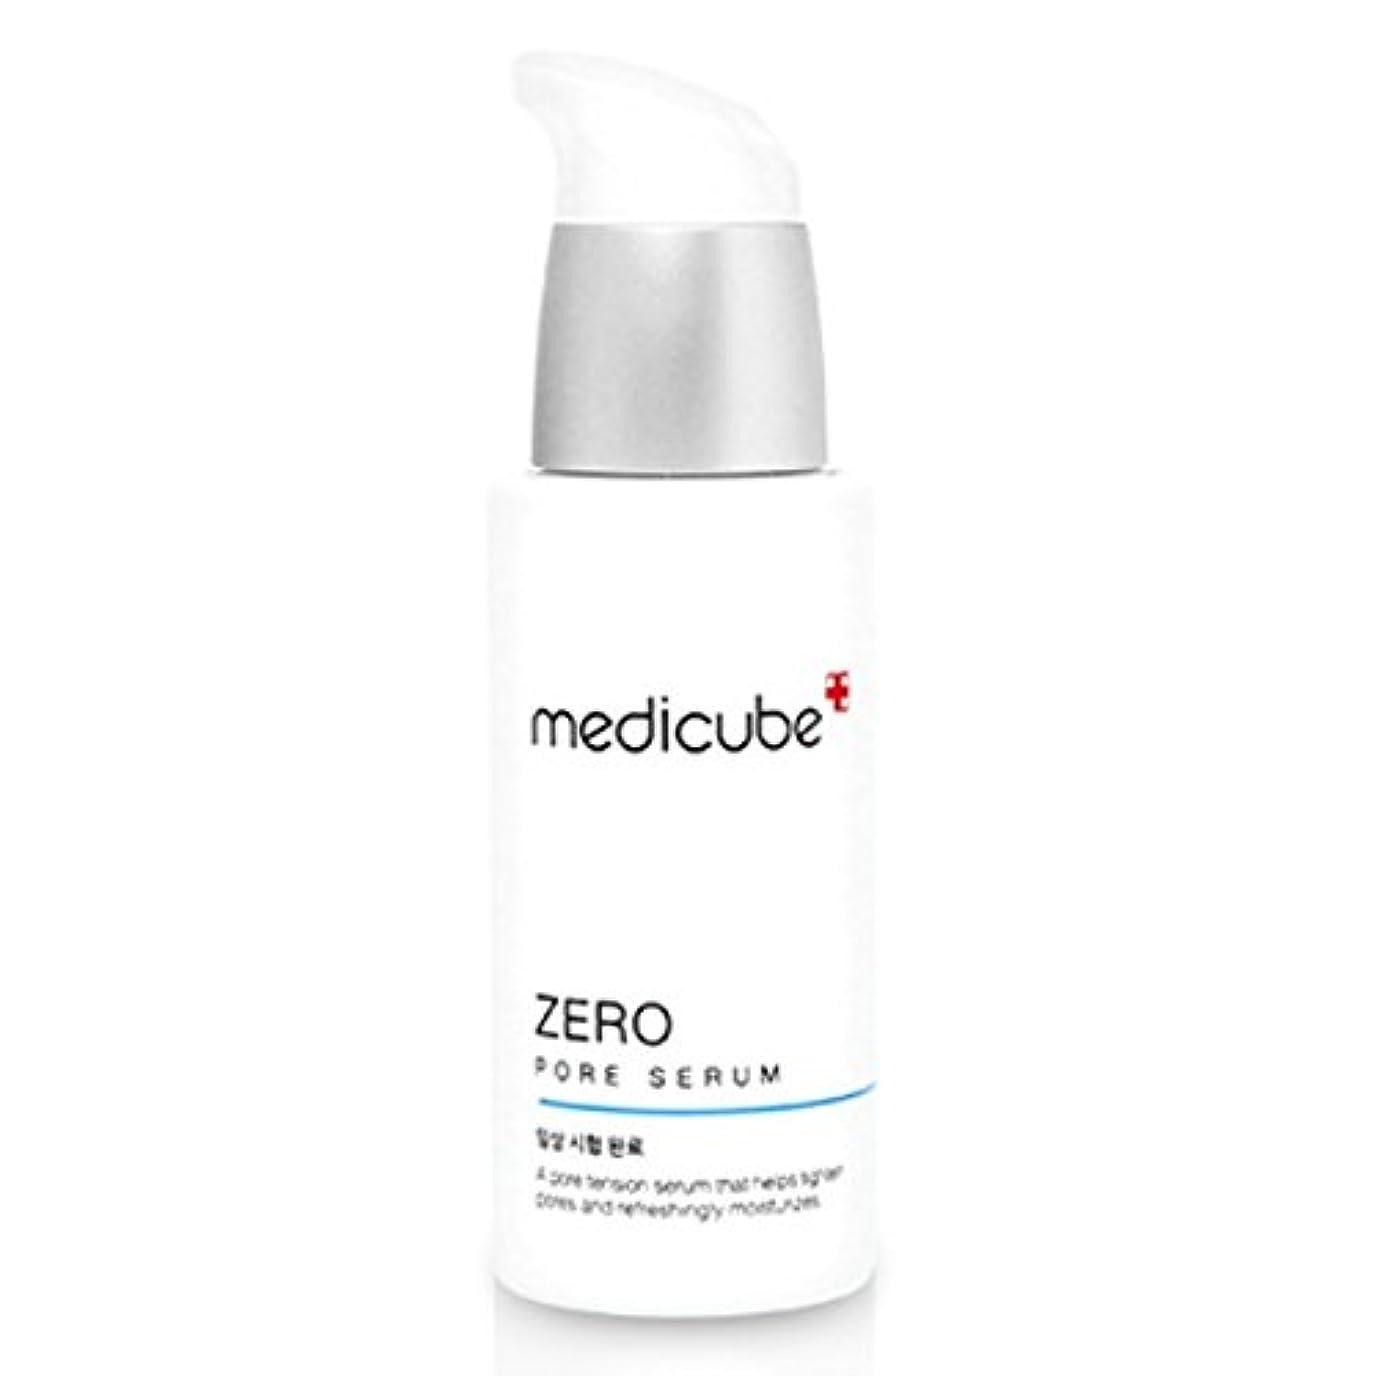 紀元前お手伝いさん受粉する[Medicube メディキューブ] ゼロポアセラム 27ml / Zero Pore Serum 27ml [並行輸入品]